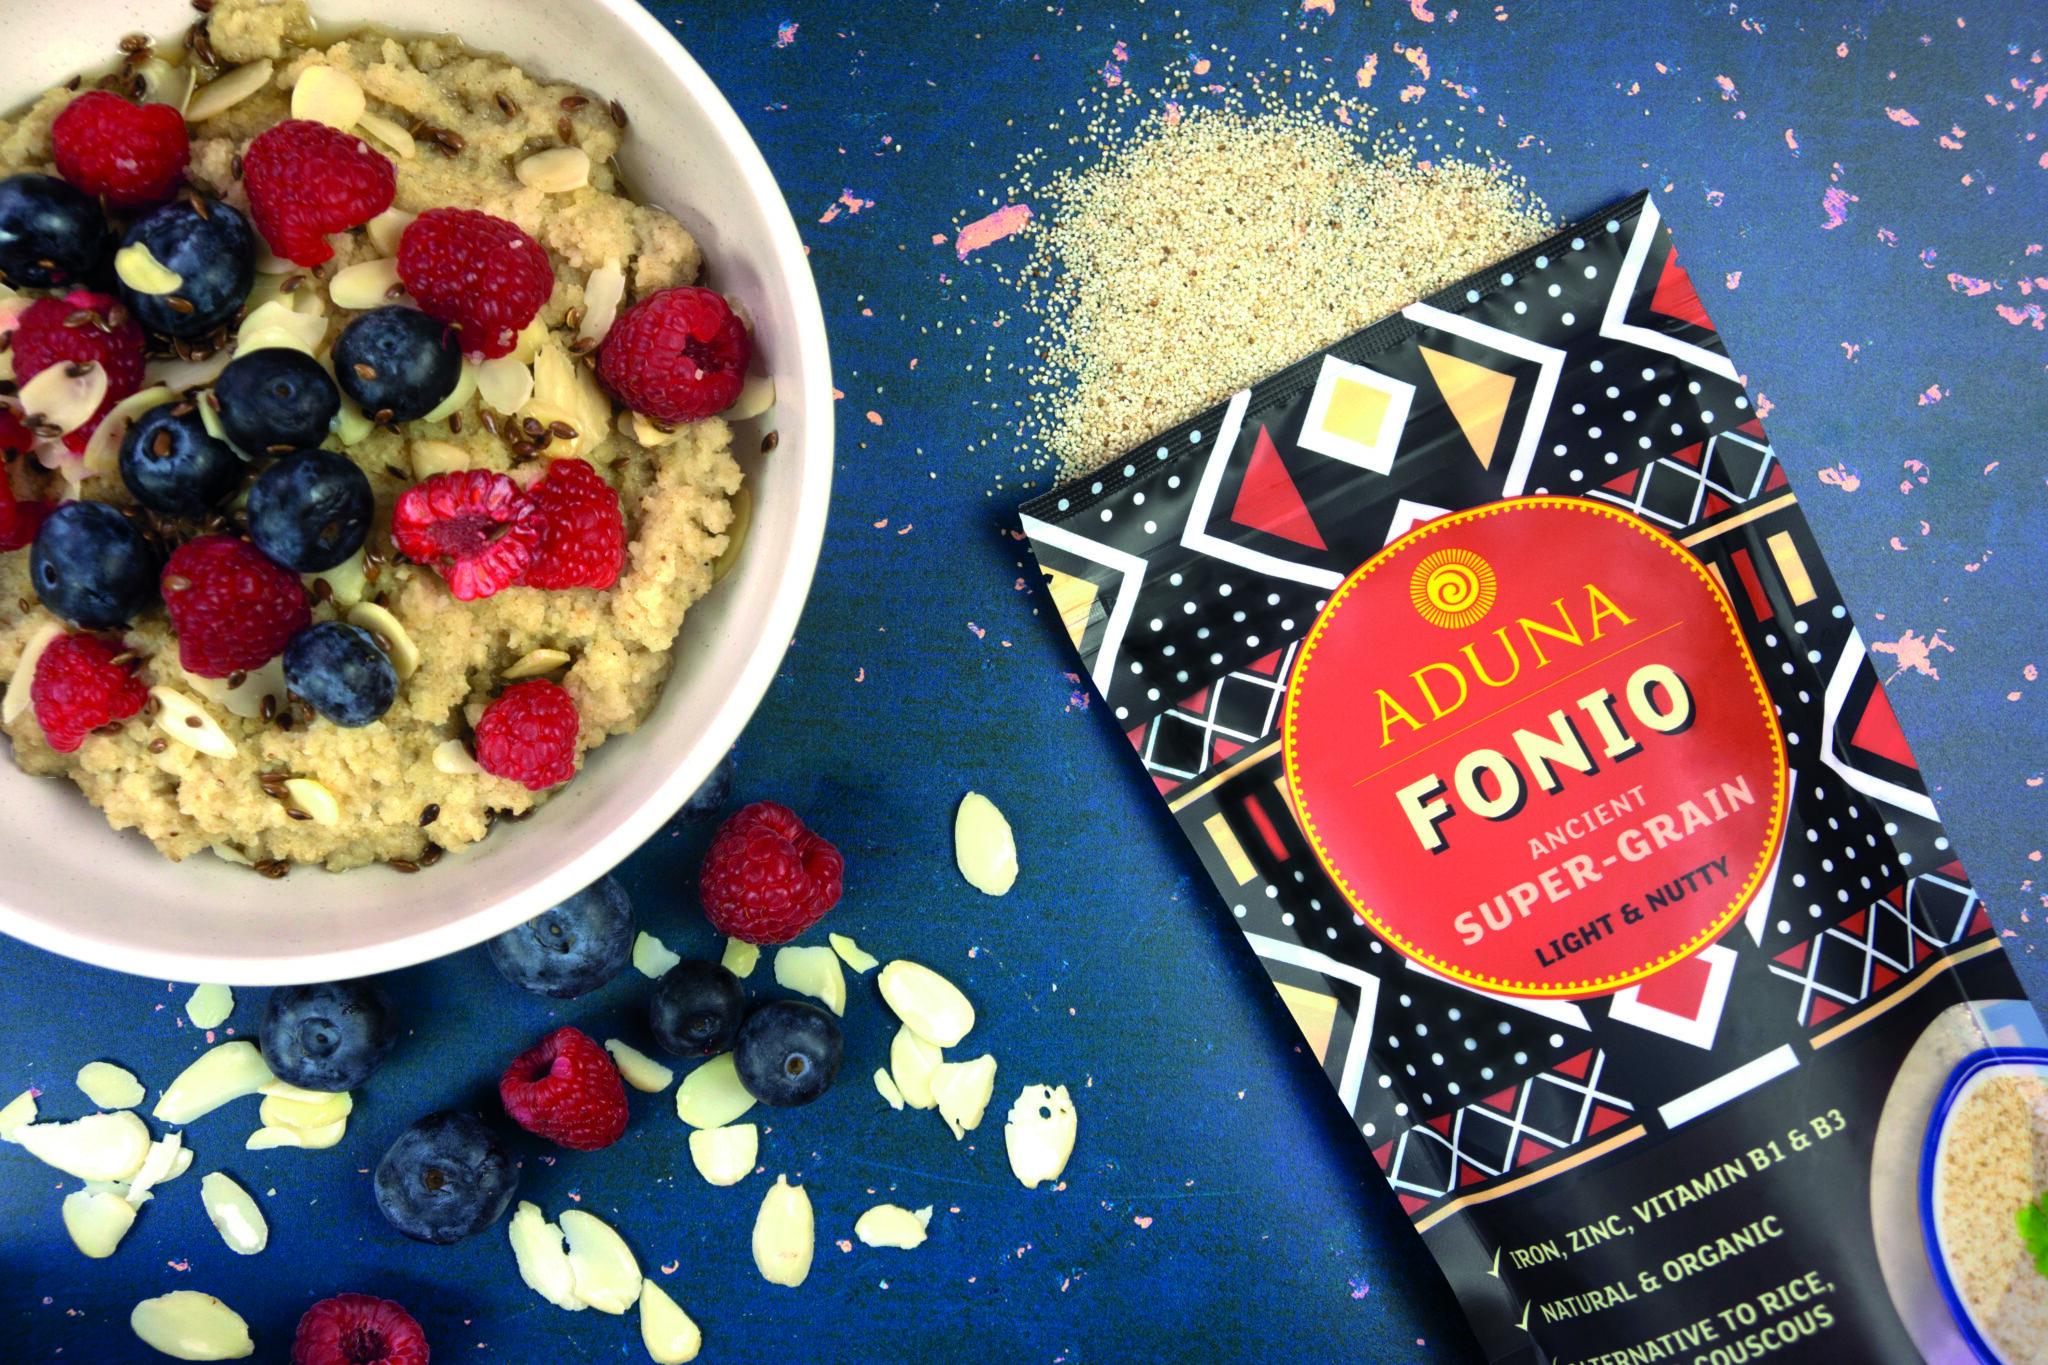 Aduna Fonio Grain & Porridge Wide